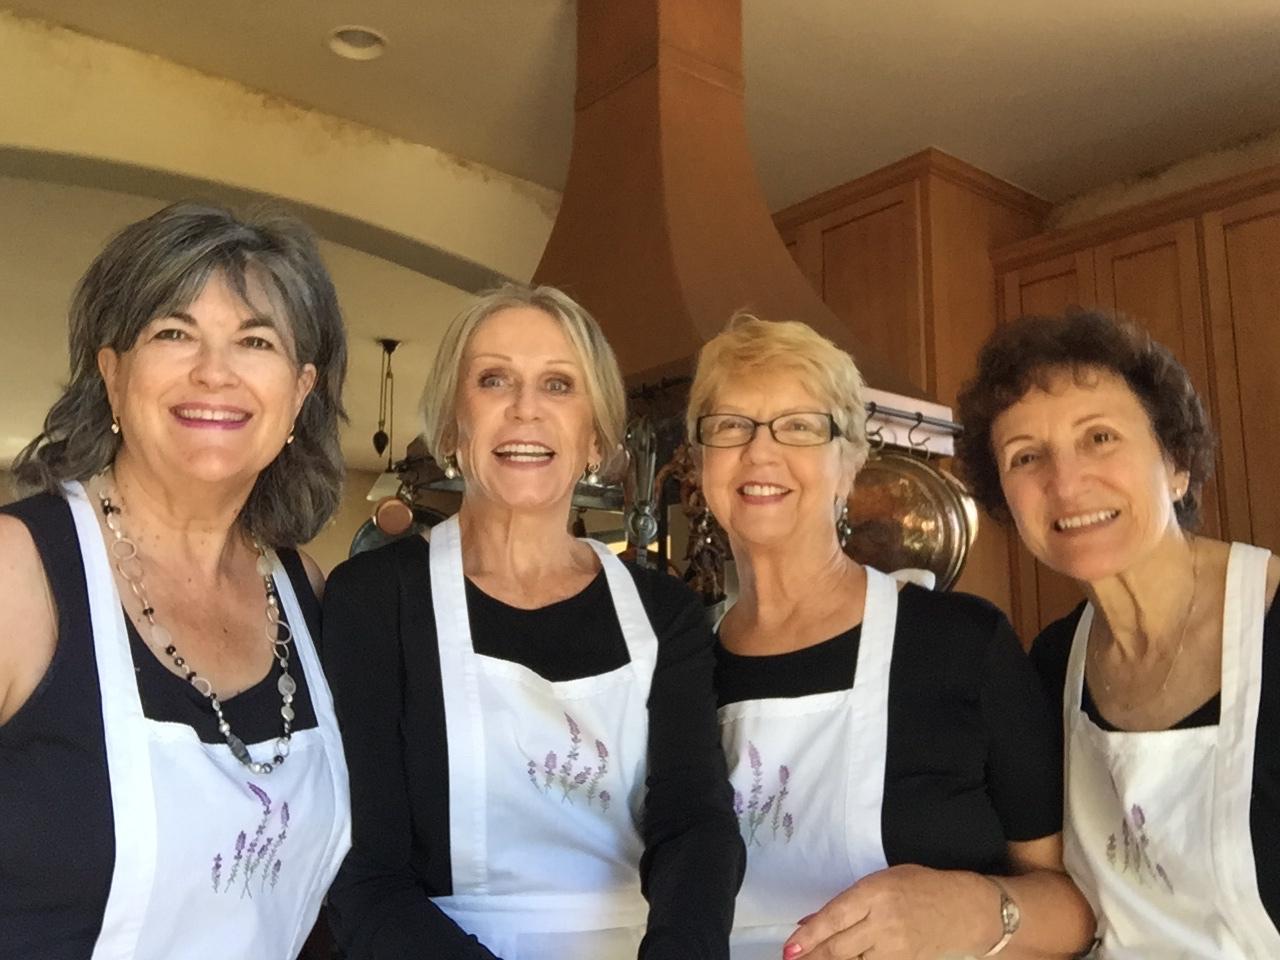 Four maids at Tea